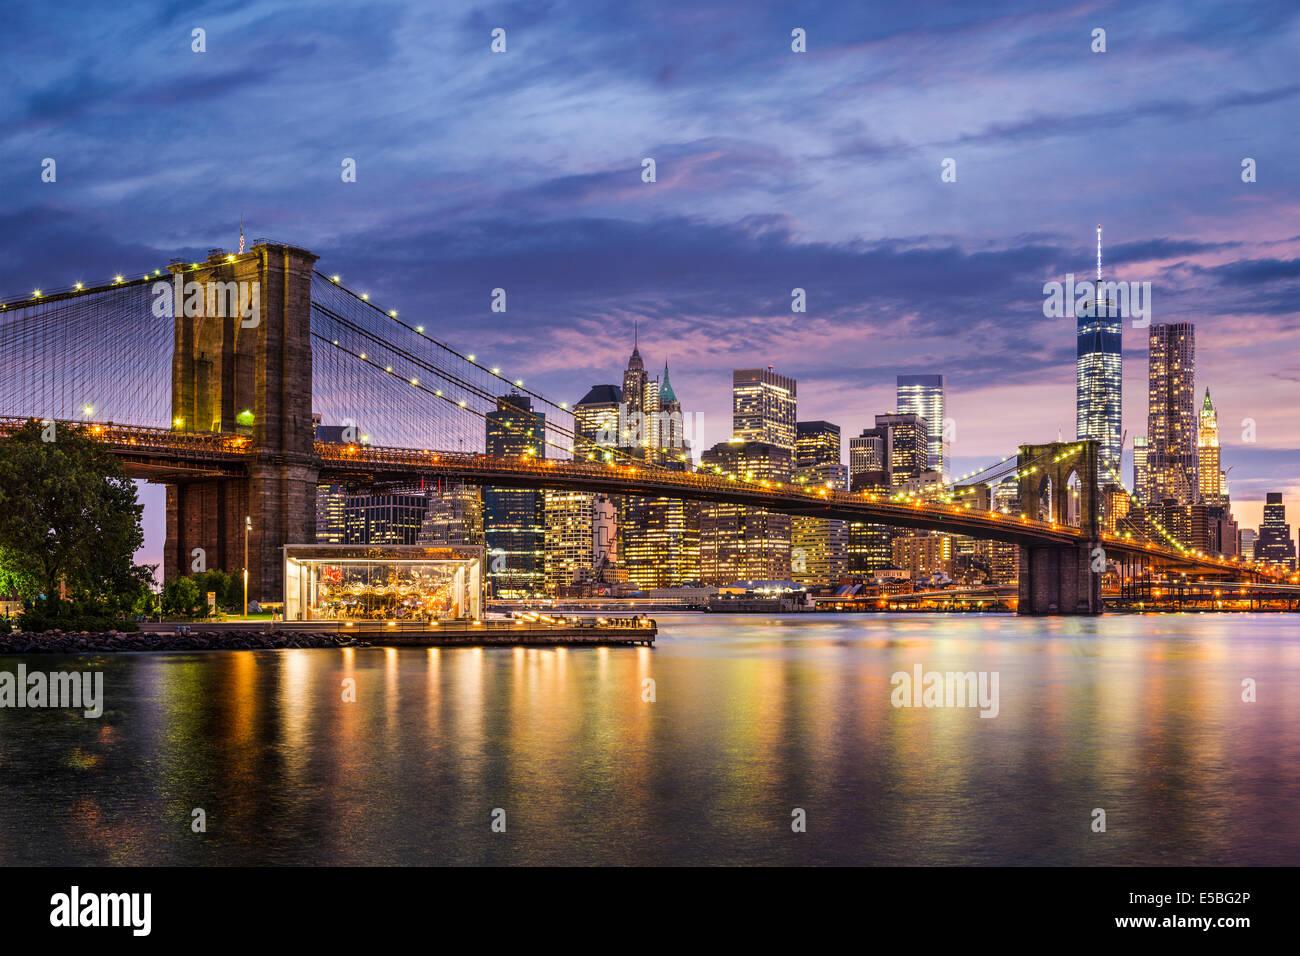 La città di New York, Stati Uniti d'America al crepuscolo. Immagini Stock